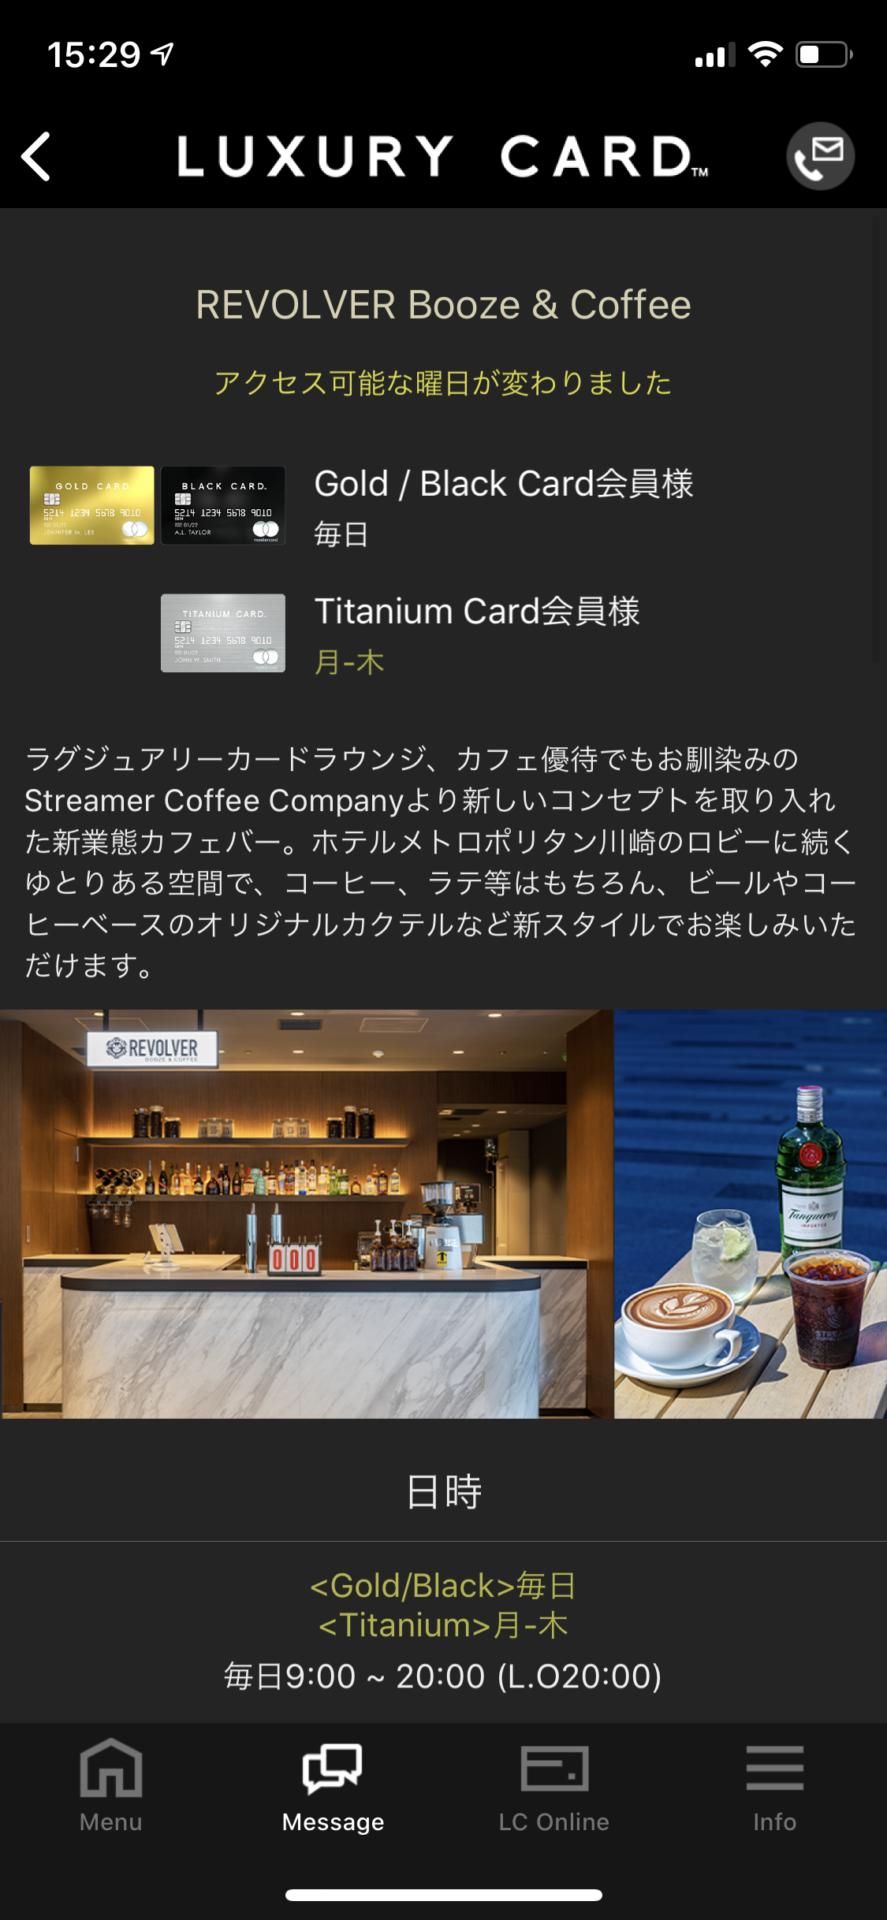 REVOLVER Booze & Coffeeでのラグジュアリーラウンジアワー